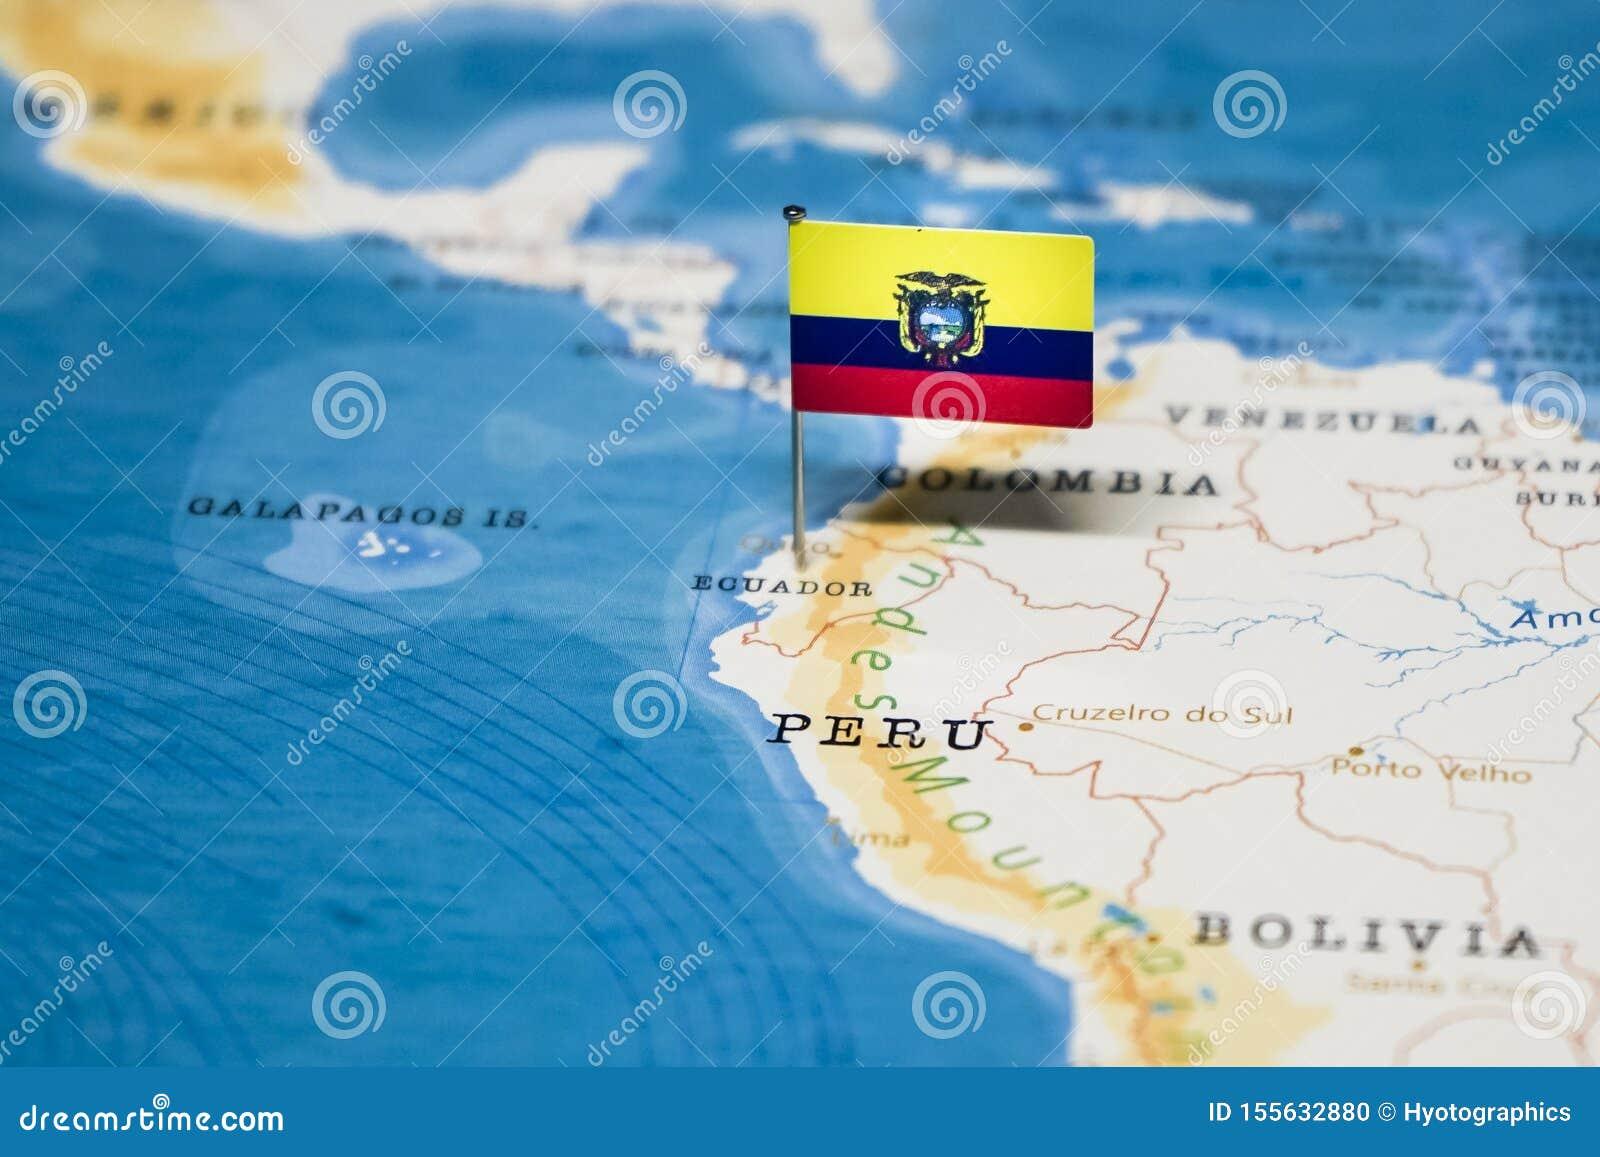 Ecuador Mapa Del Mundo.La Bandera De Ecuador En El Mapa Del Mundo Foto De Archivo Imagen De Bandera Mundo 155632880